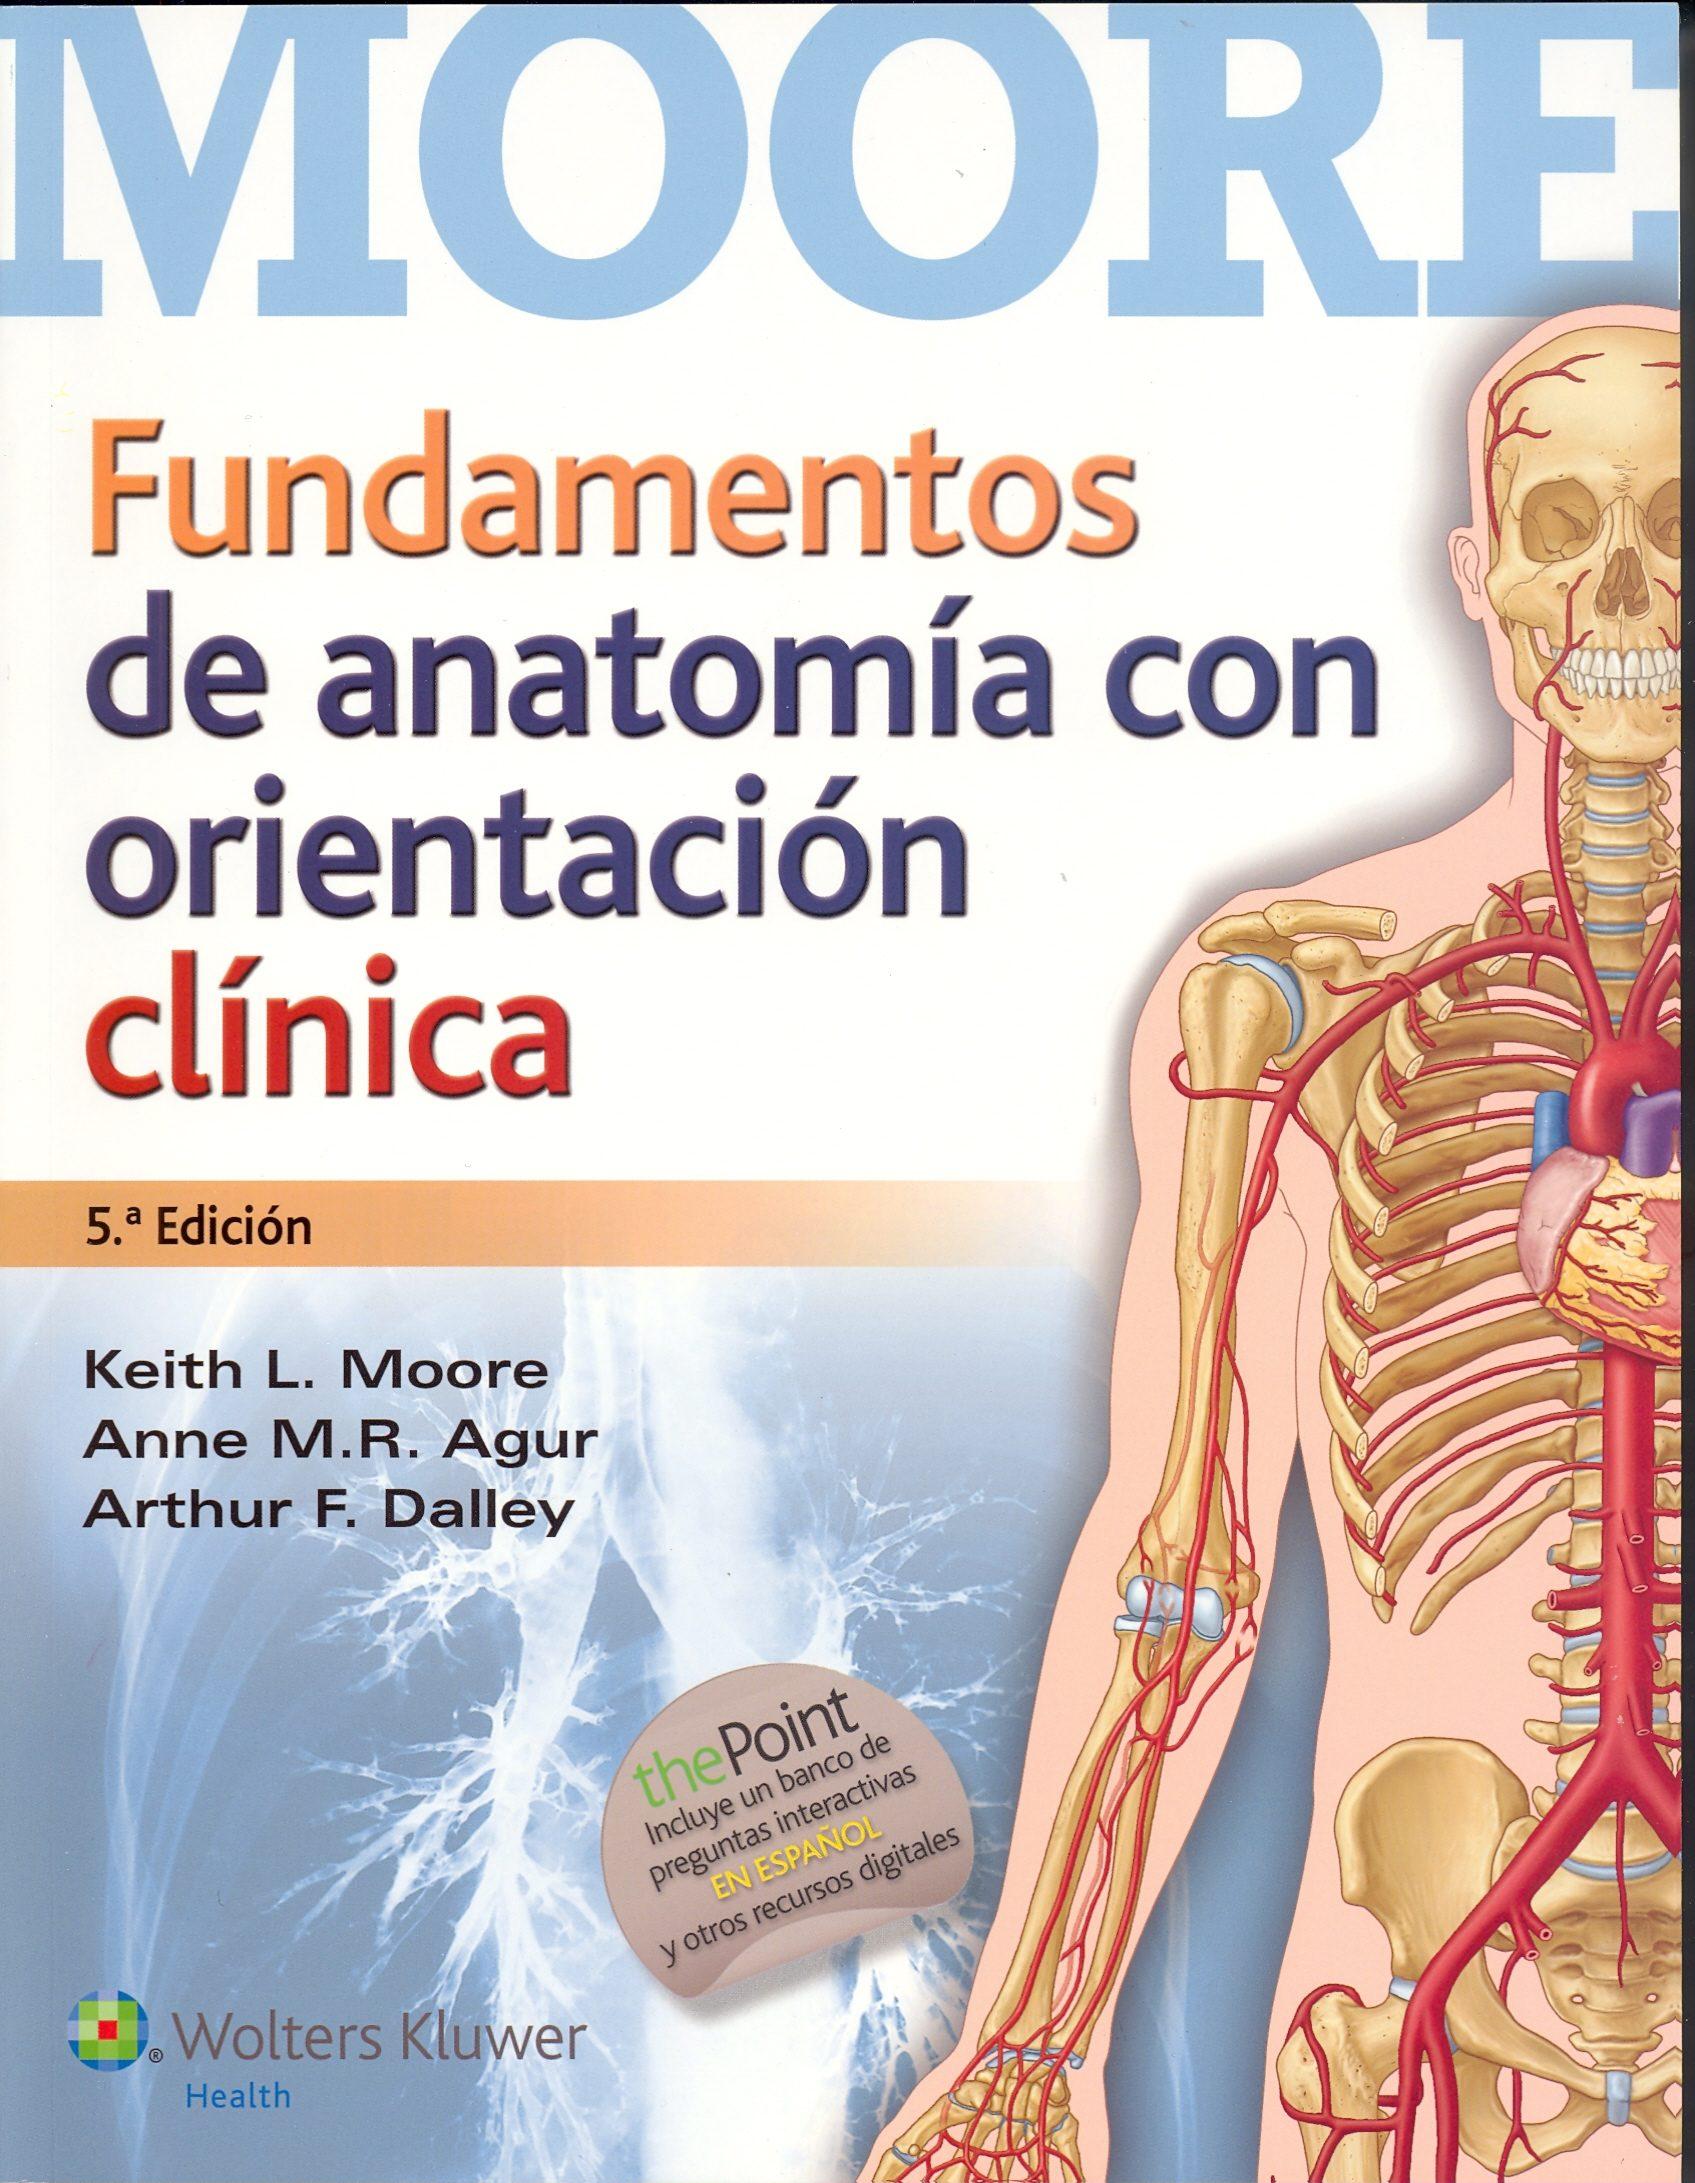 FUNDAMENTOS DE ANATOMÍA CON ORIENTACIÓN CLÍNICA 5ED | KEITH L. MOORE ...